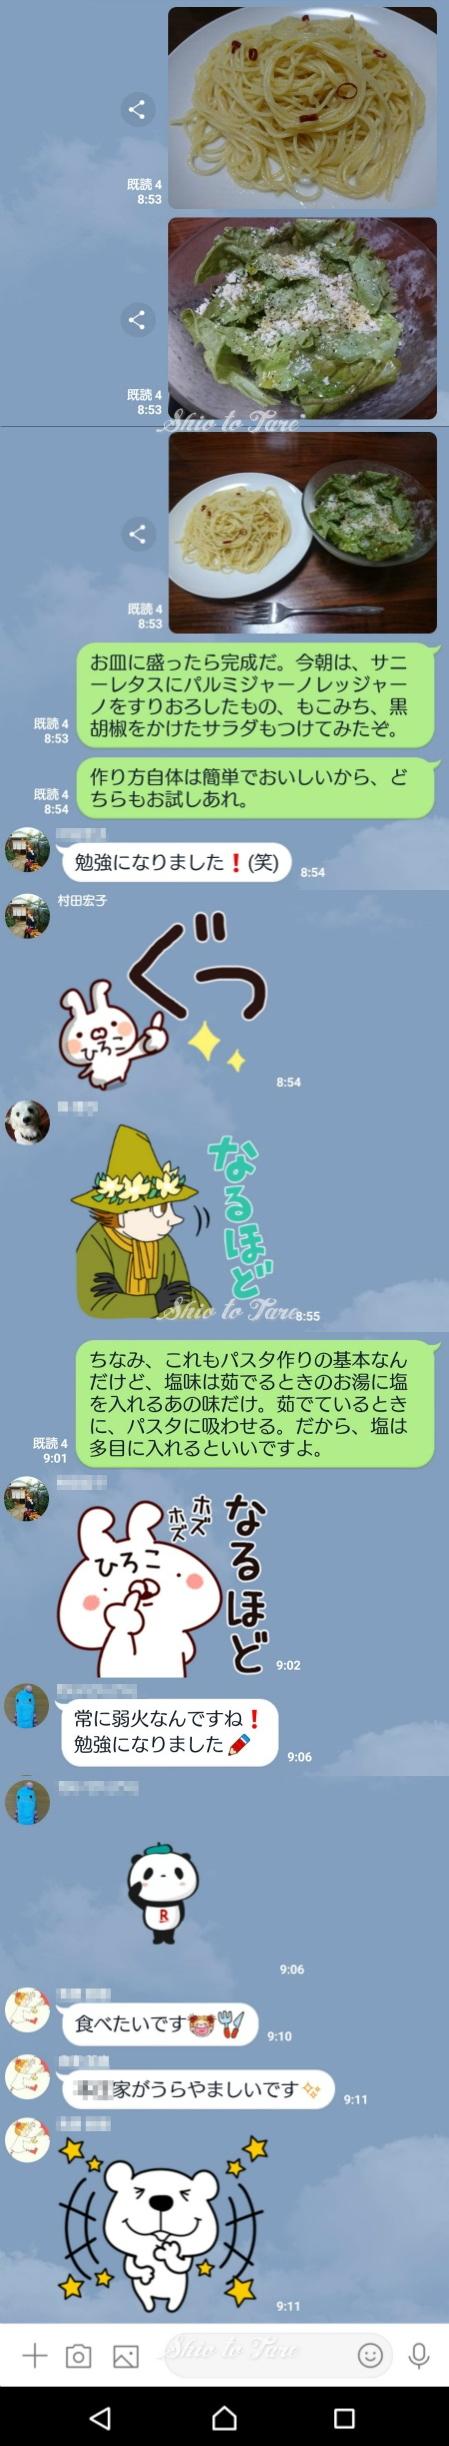 LINE01_20190804_02_ペペロンチーノ